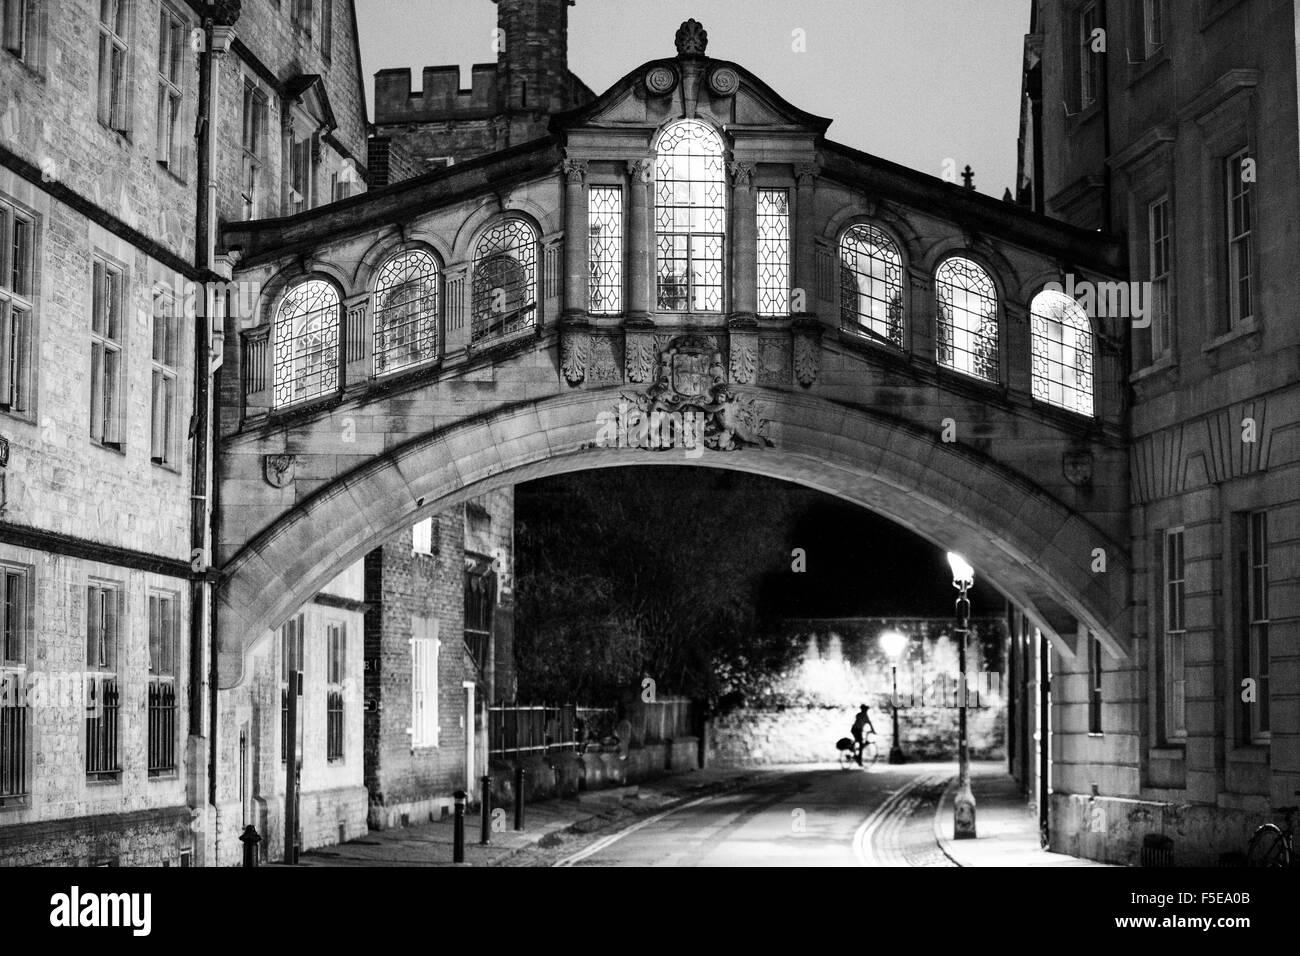 Bridge of Sighs, Oxford, Oxfordshire, England, United Kingdom, Europe - Stock Image